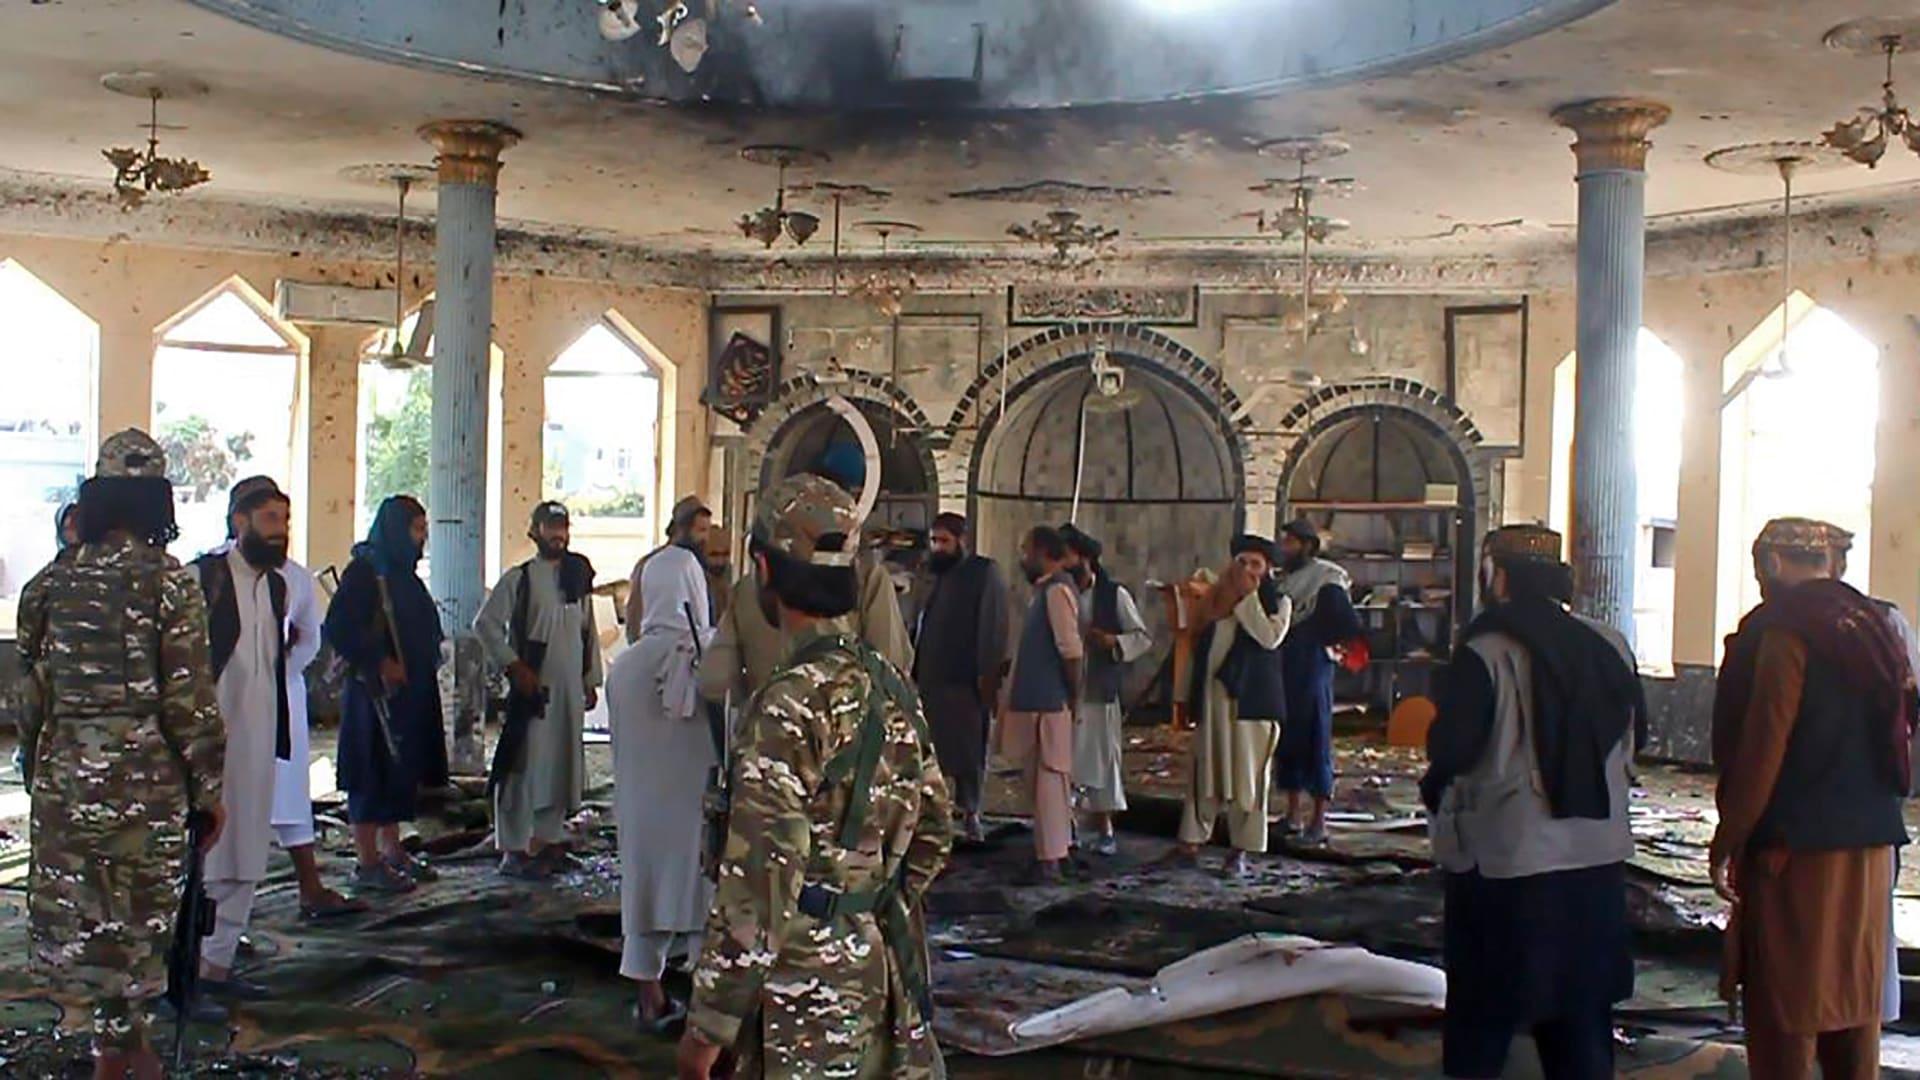 خامنئي يوجه رسالة لطالبان بعد تفجير مسجد للشيعة في قندوز